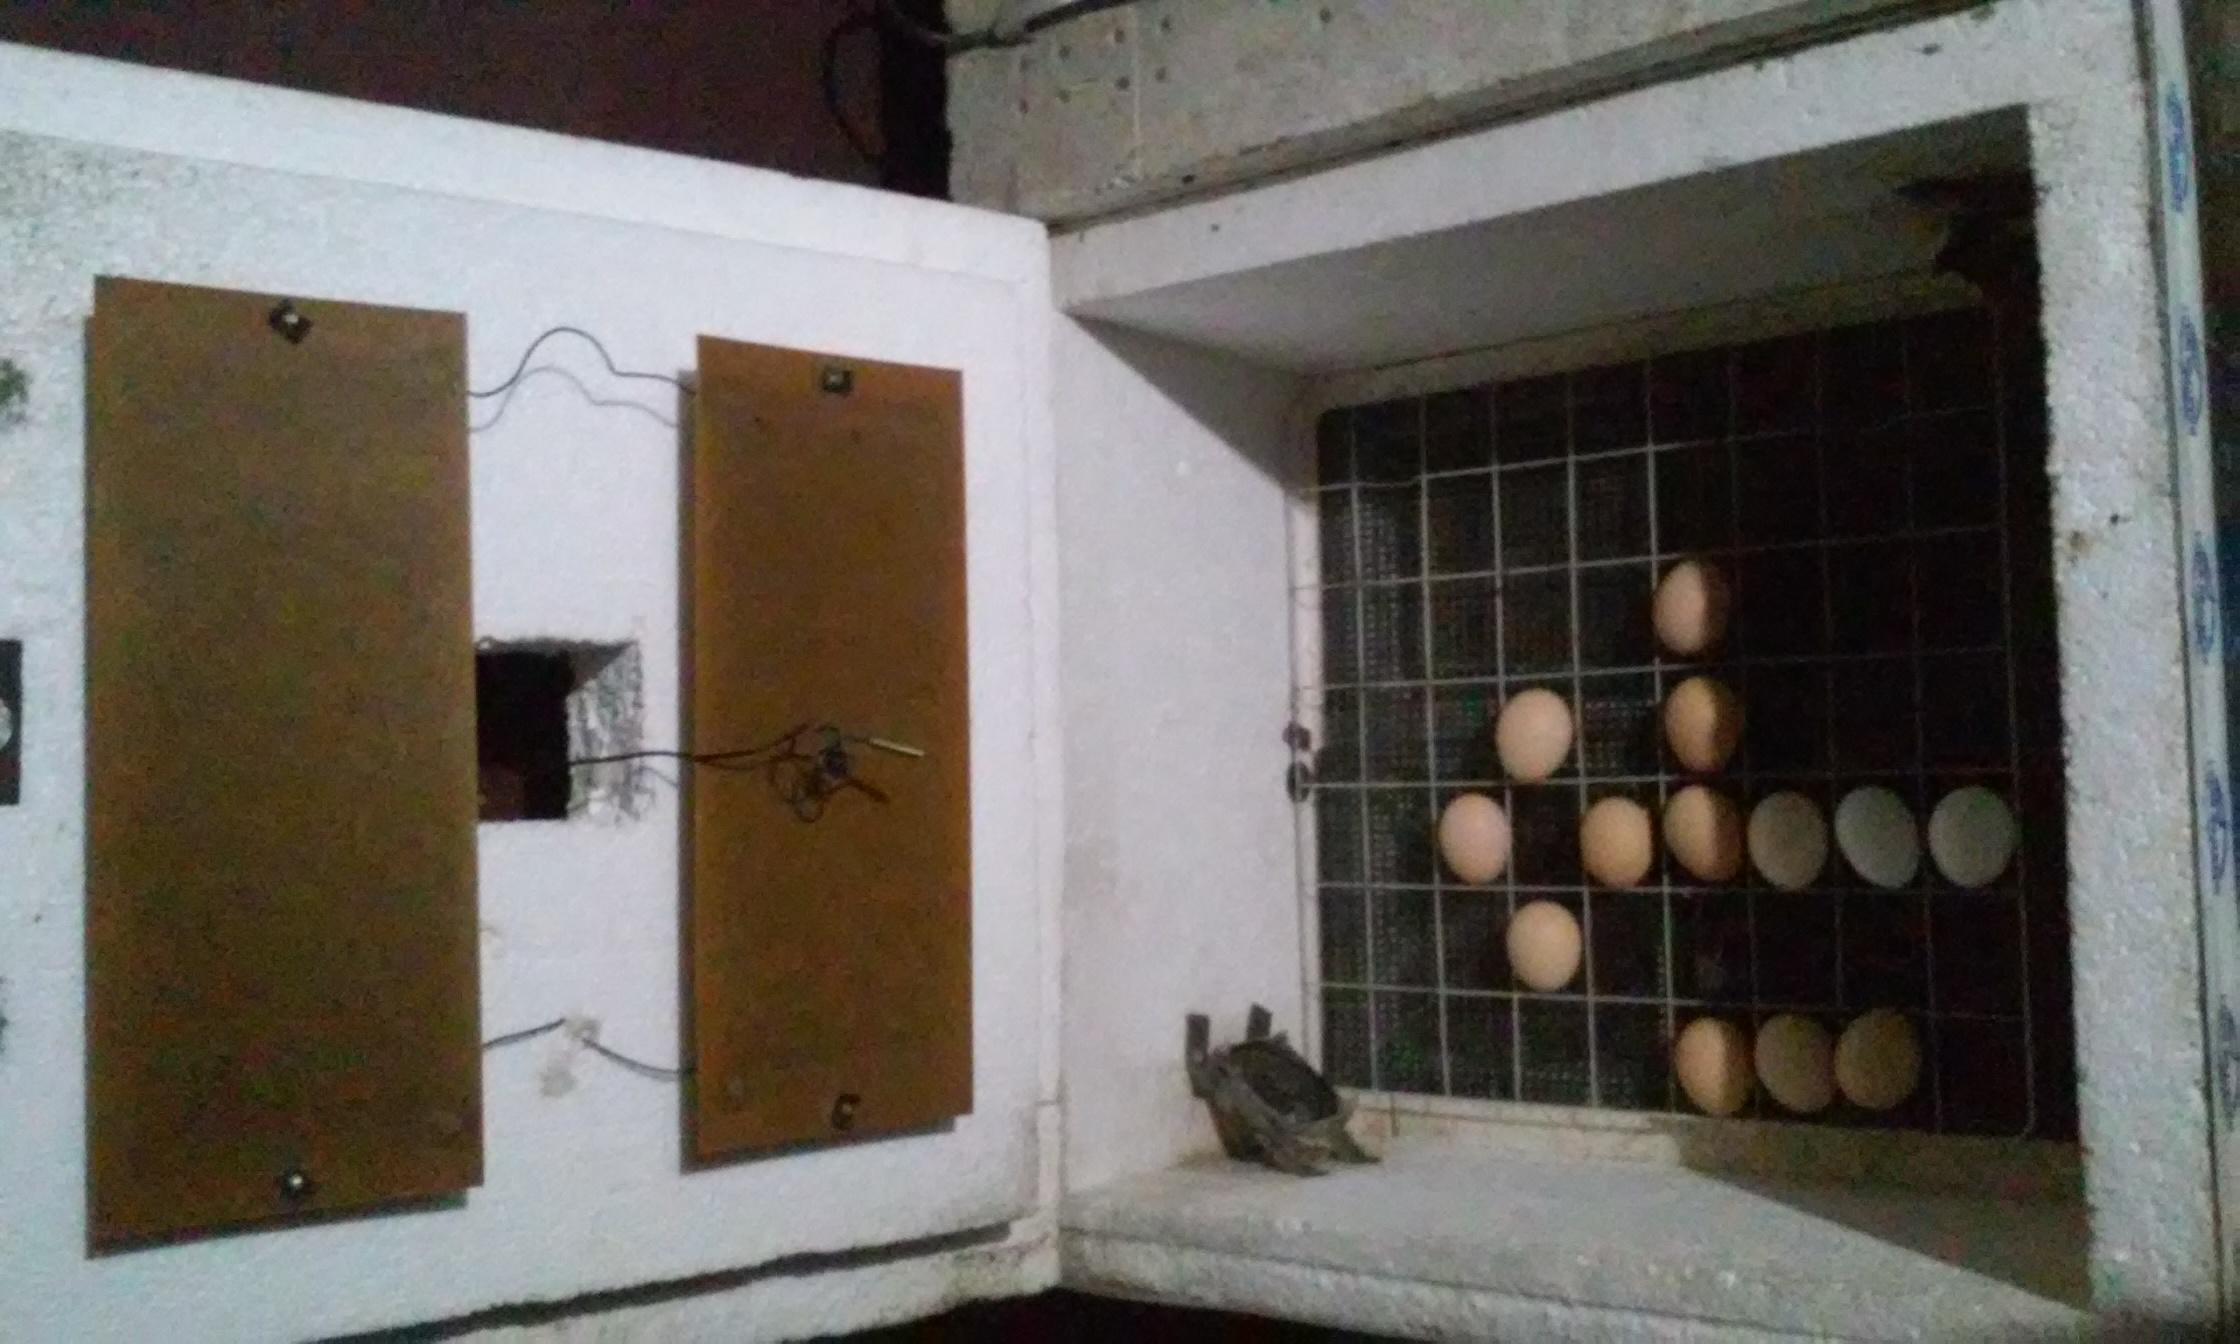 Инкубатор своими руками: как сделать для яиц из холодильника с терморегулятором, схемы, чертежи, фото и видео, изготовление для успешного птицеводства selo.guru — интернет портал о сельском хозяйстве